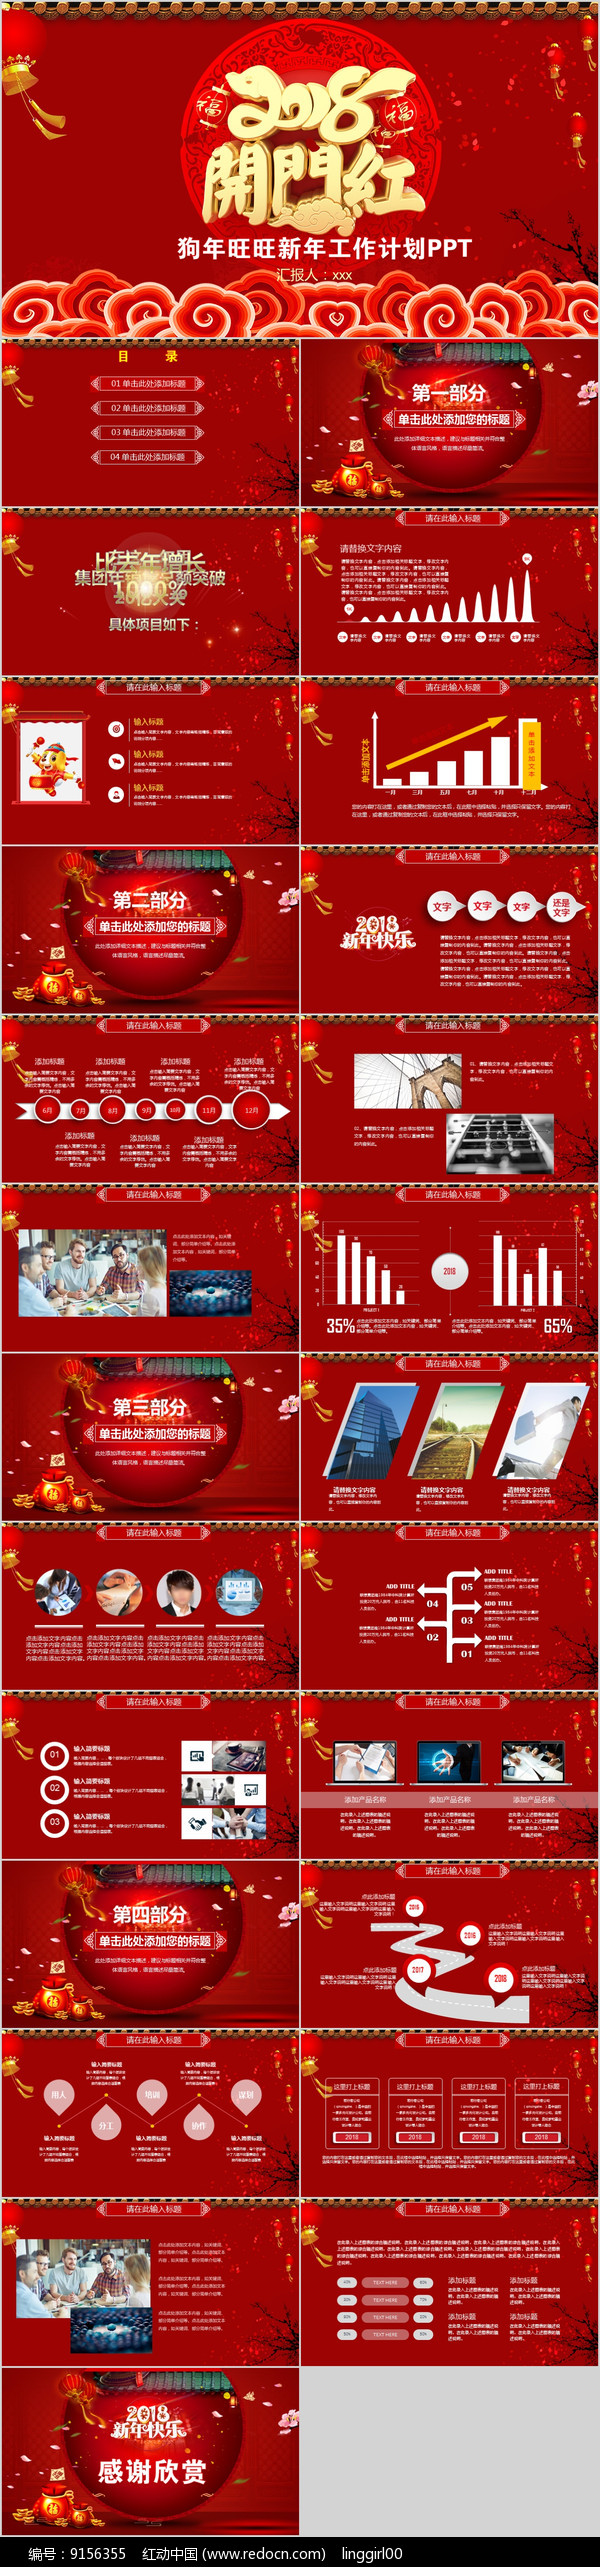 红色喜庆新年工作计划PPT图片